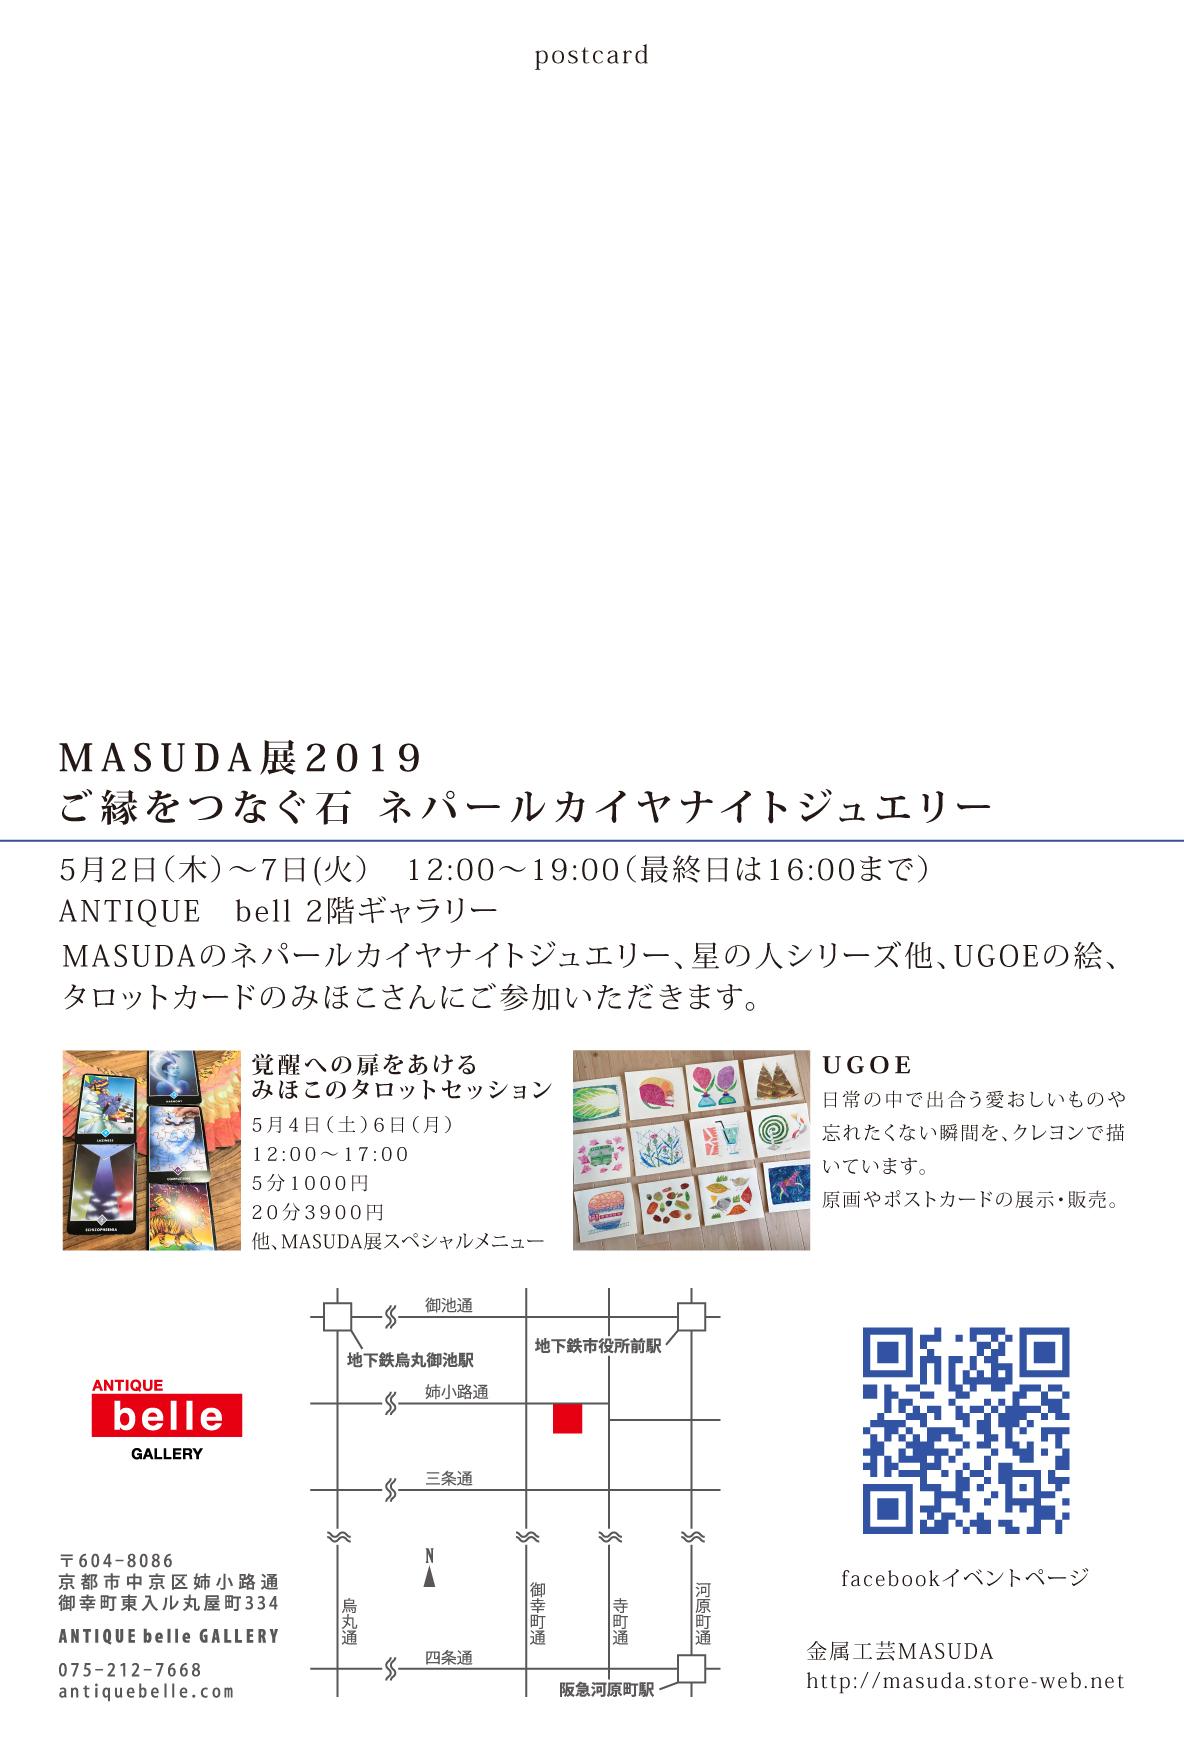 MASUDA展2019 DM出来ました(^O^)/_c0165589_11073247.jpg